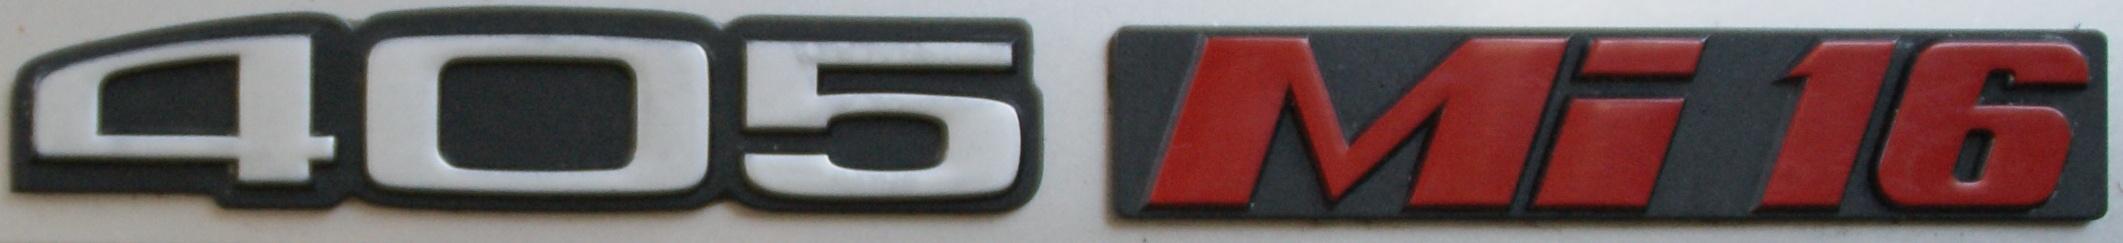 foto logo mi16 Dsc02310